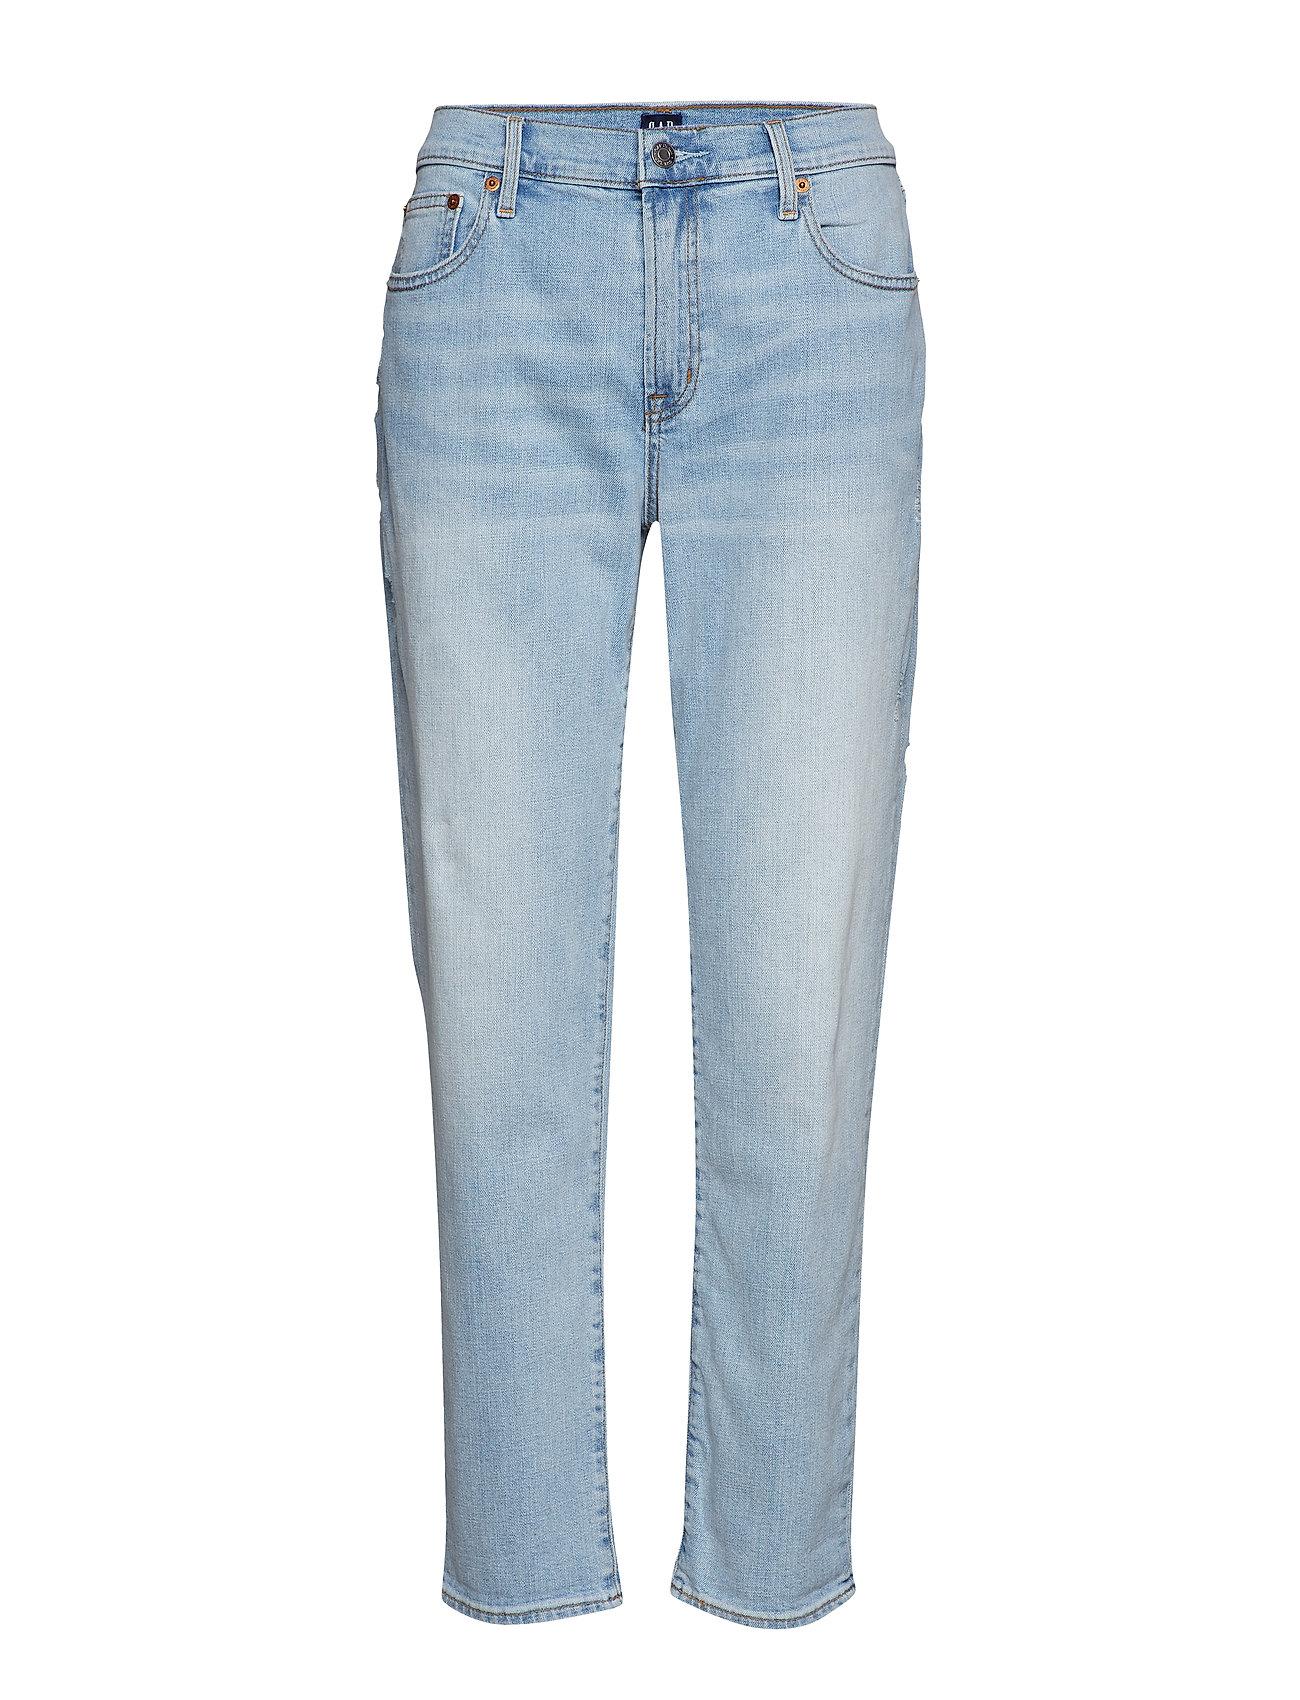 GAP Mid Rise Girlfriend Jeans - LIGHT DESTROY